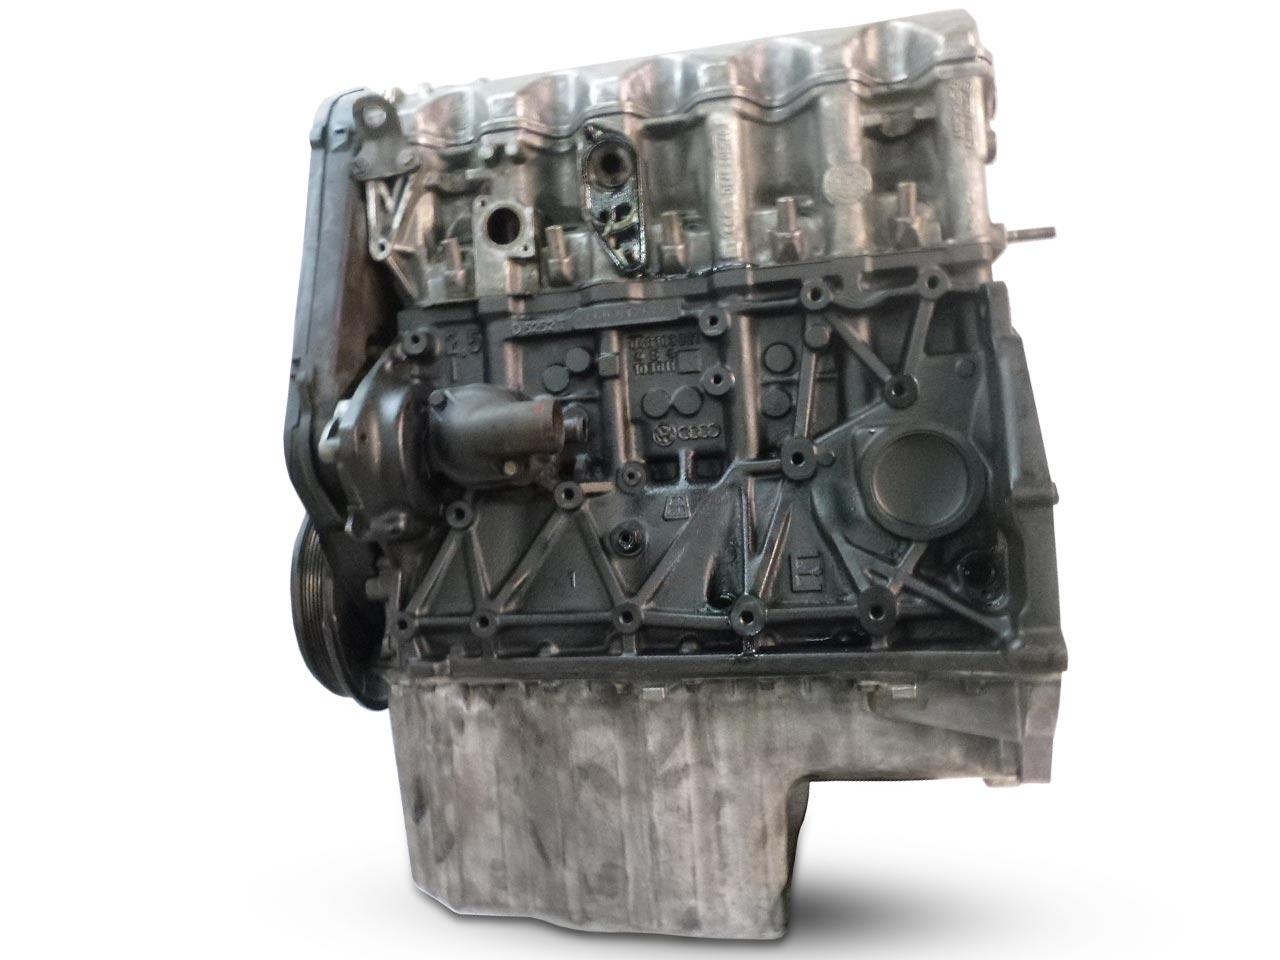 Motor 1997 VW LT 28-35 II 2,5 TDI Diesel AHD